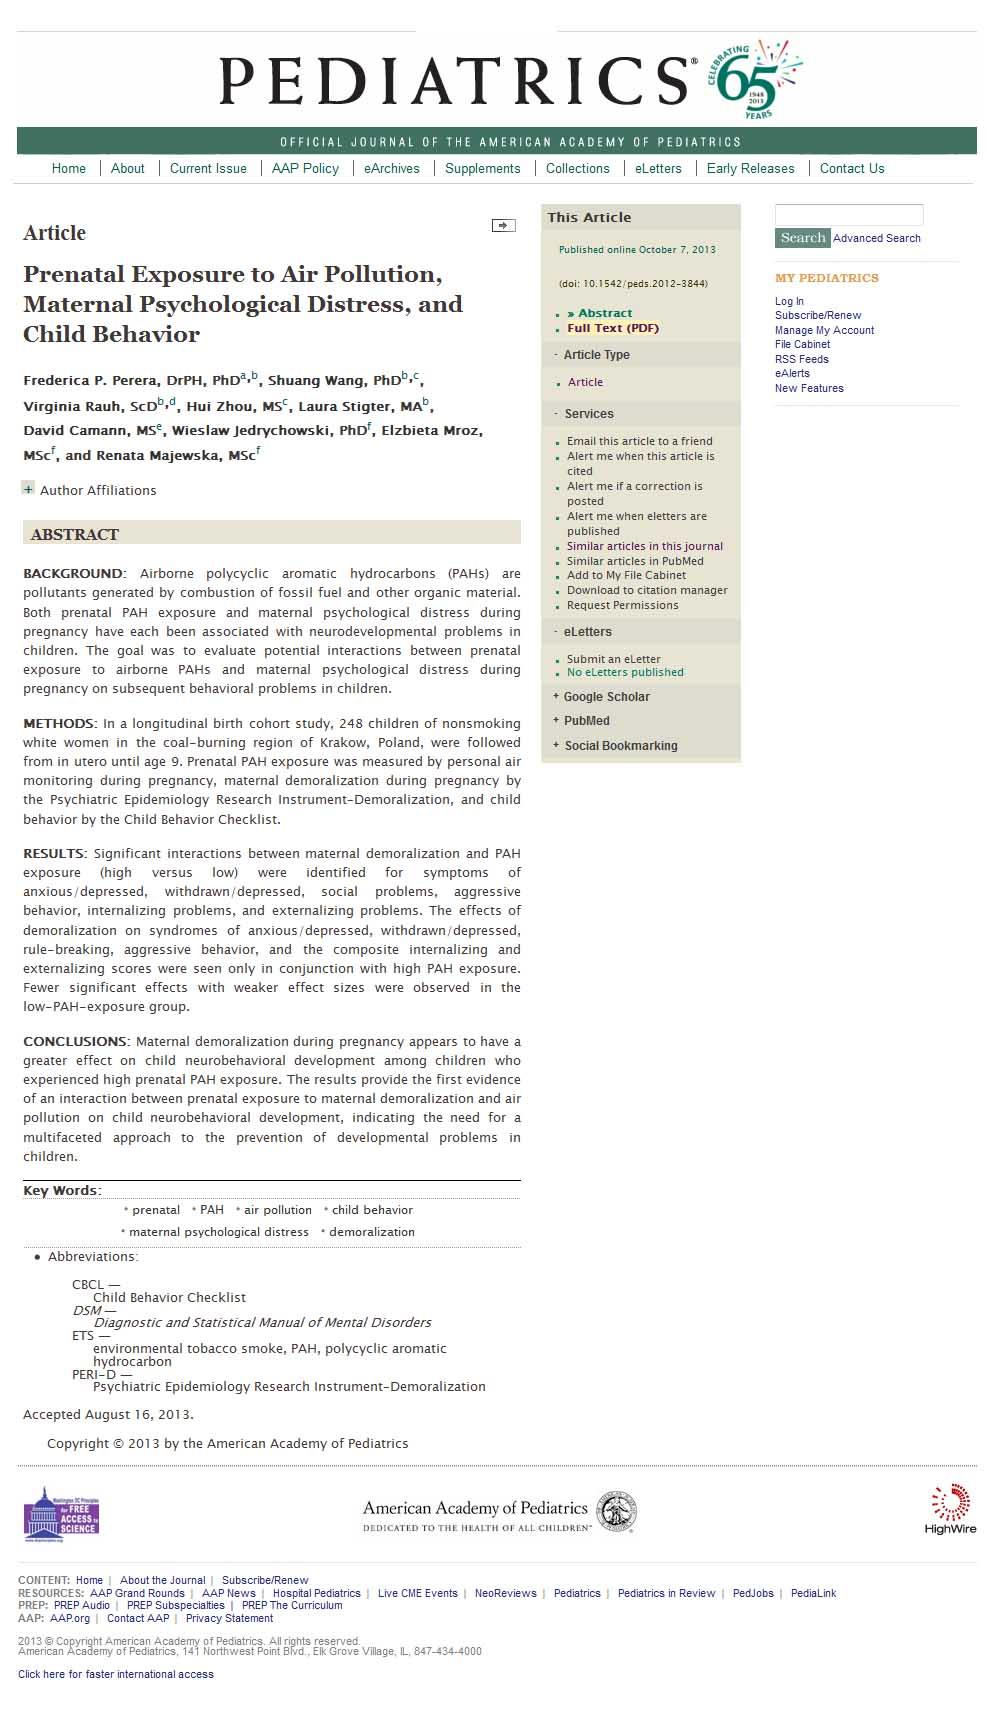 http://www.psicologo-taranto.com/wp-content/uploads/2013/11/pediatrics-inquinamento-prenatale-11-11-13.jpg